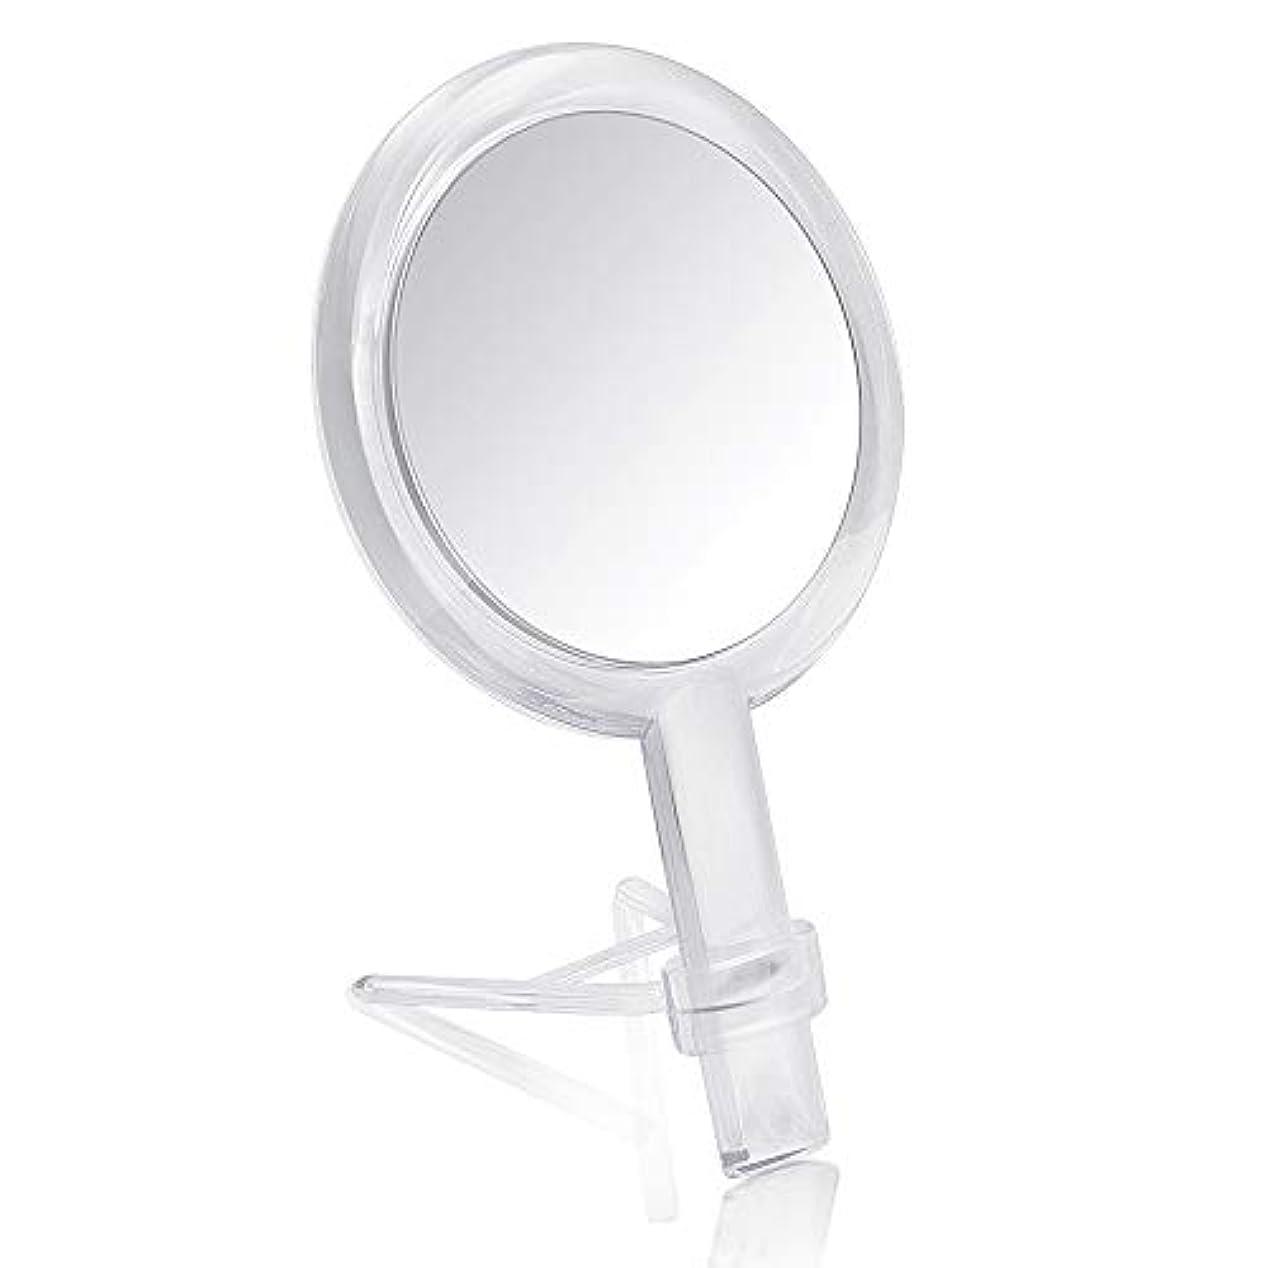 安いですファーム葉を拾うGotofine 両面鏡 手鏡 卓上鏡 7倍と等倍 ハンドミラー スタンドミラー 化粧鏡 メイク クリア 円形